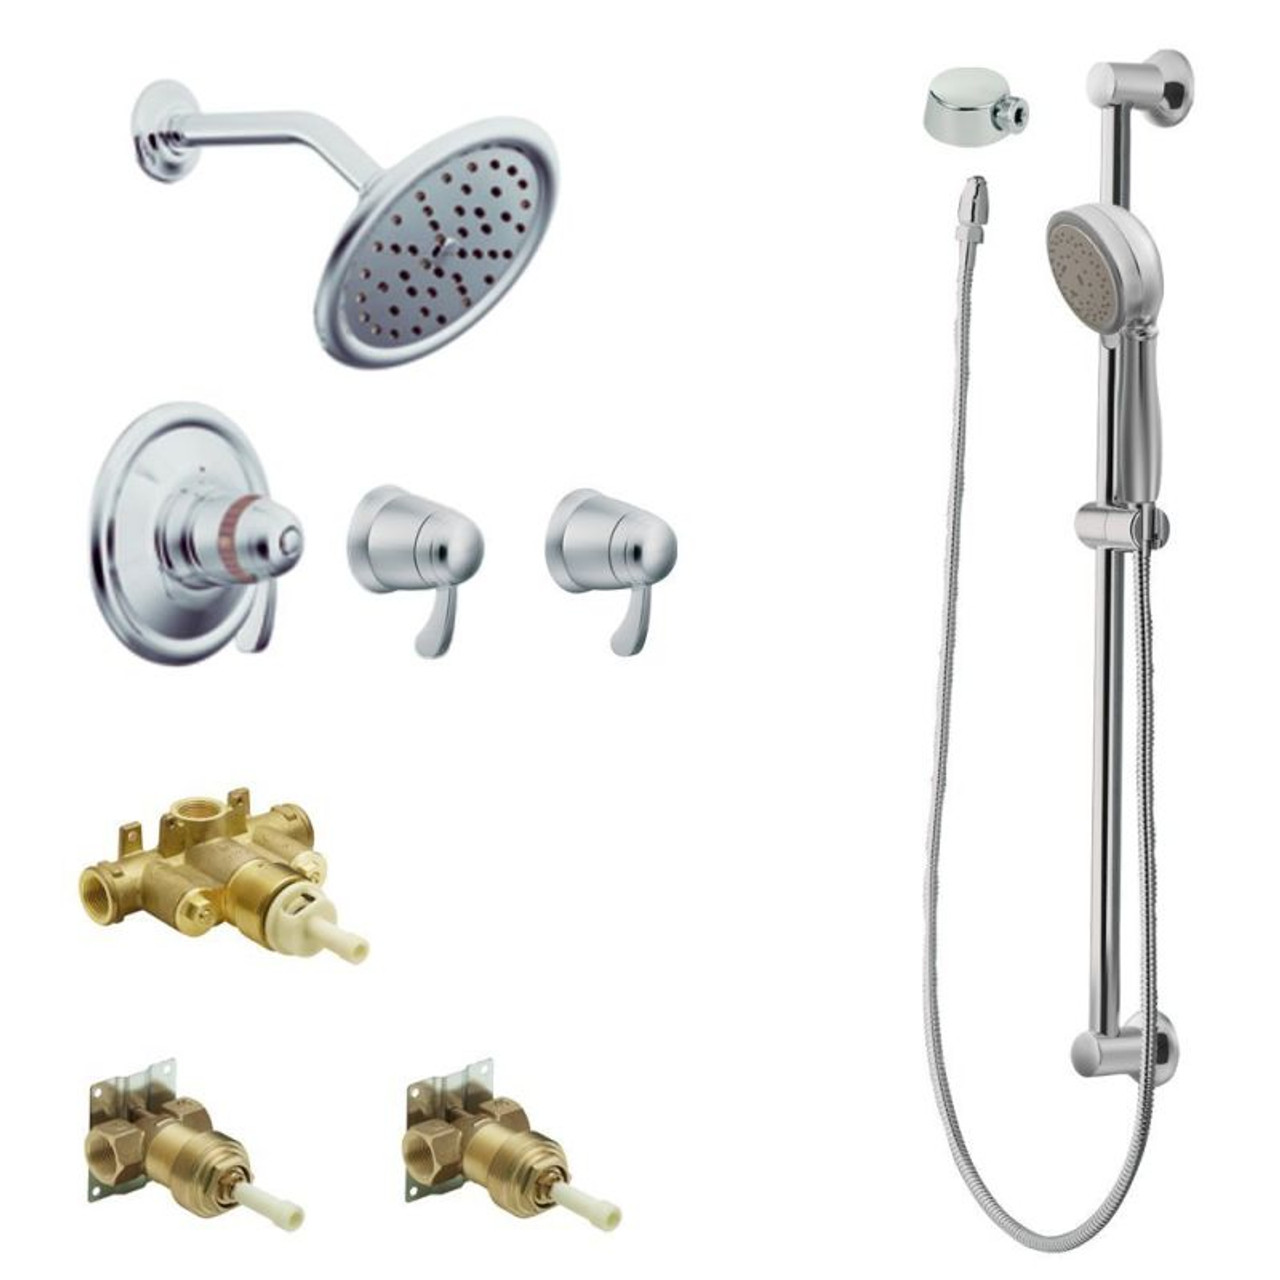 Moen Kspex H Ts270cr Exacttempa 7 In Rainshower Spa Kit With Handheld Shower And Slide Bar